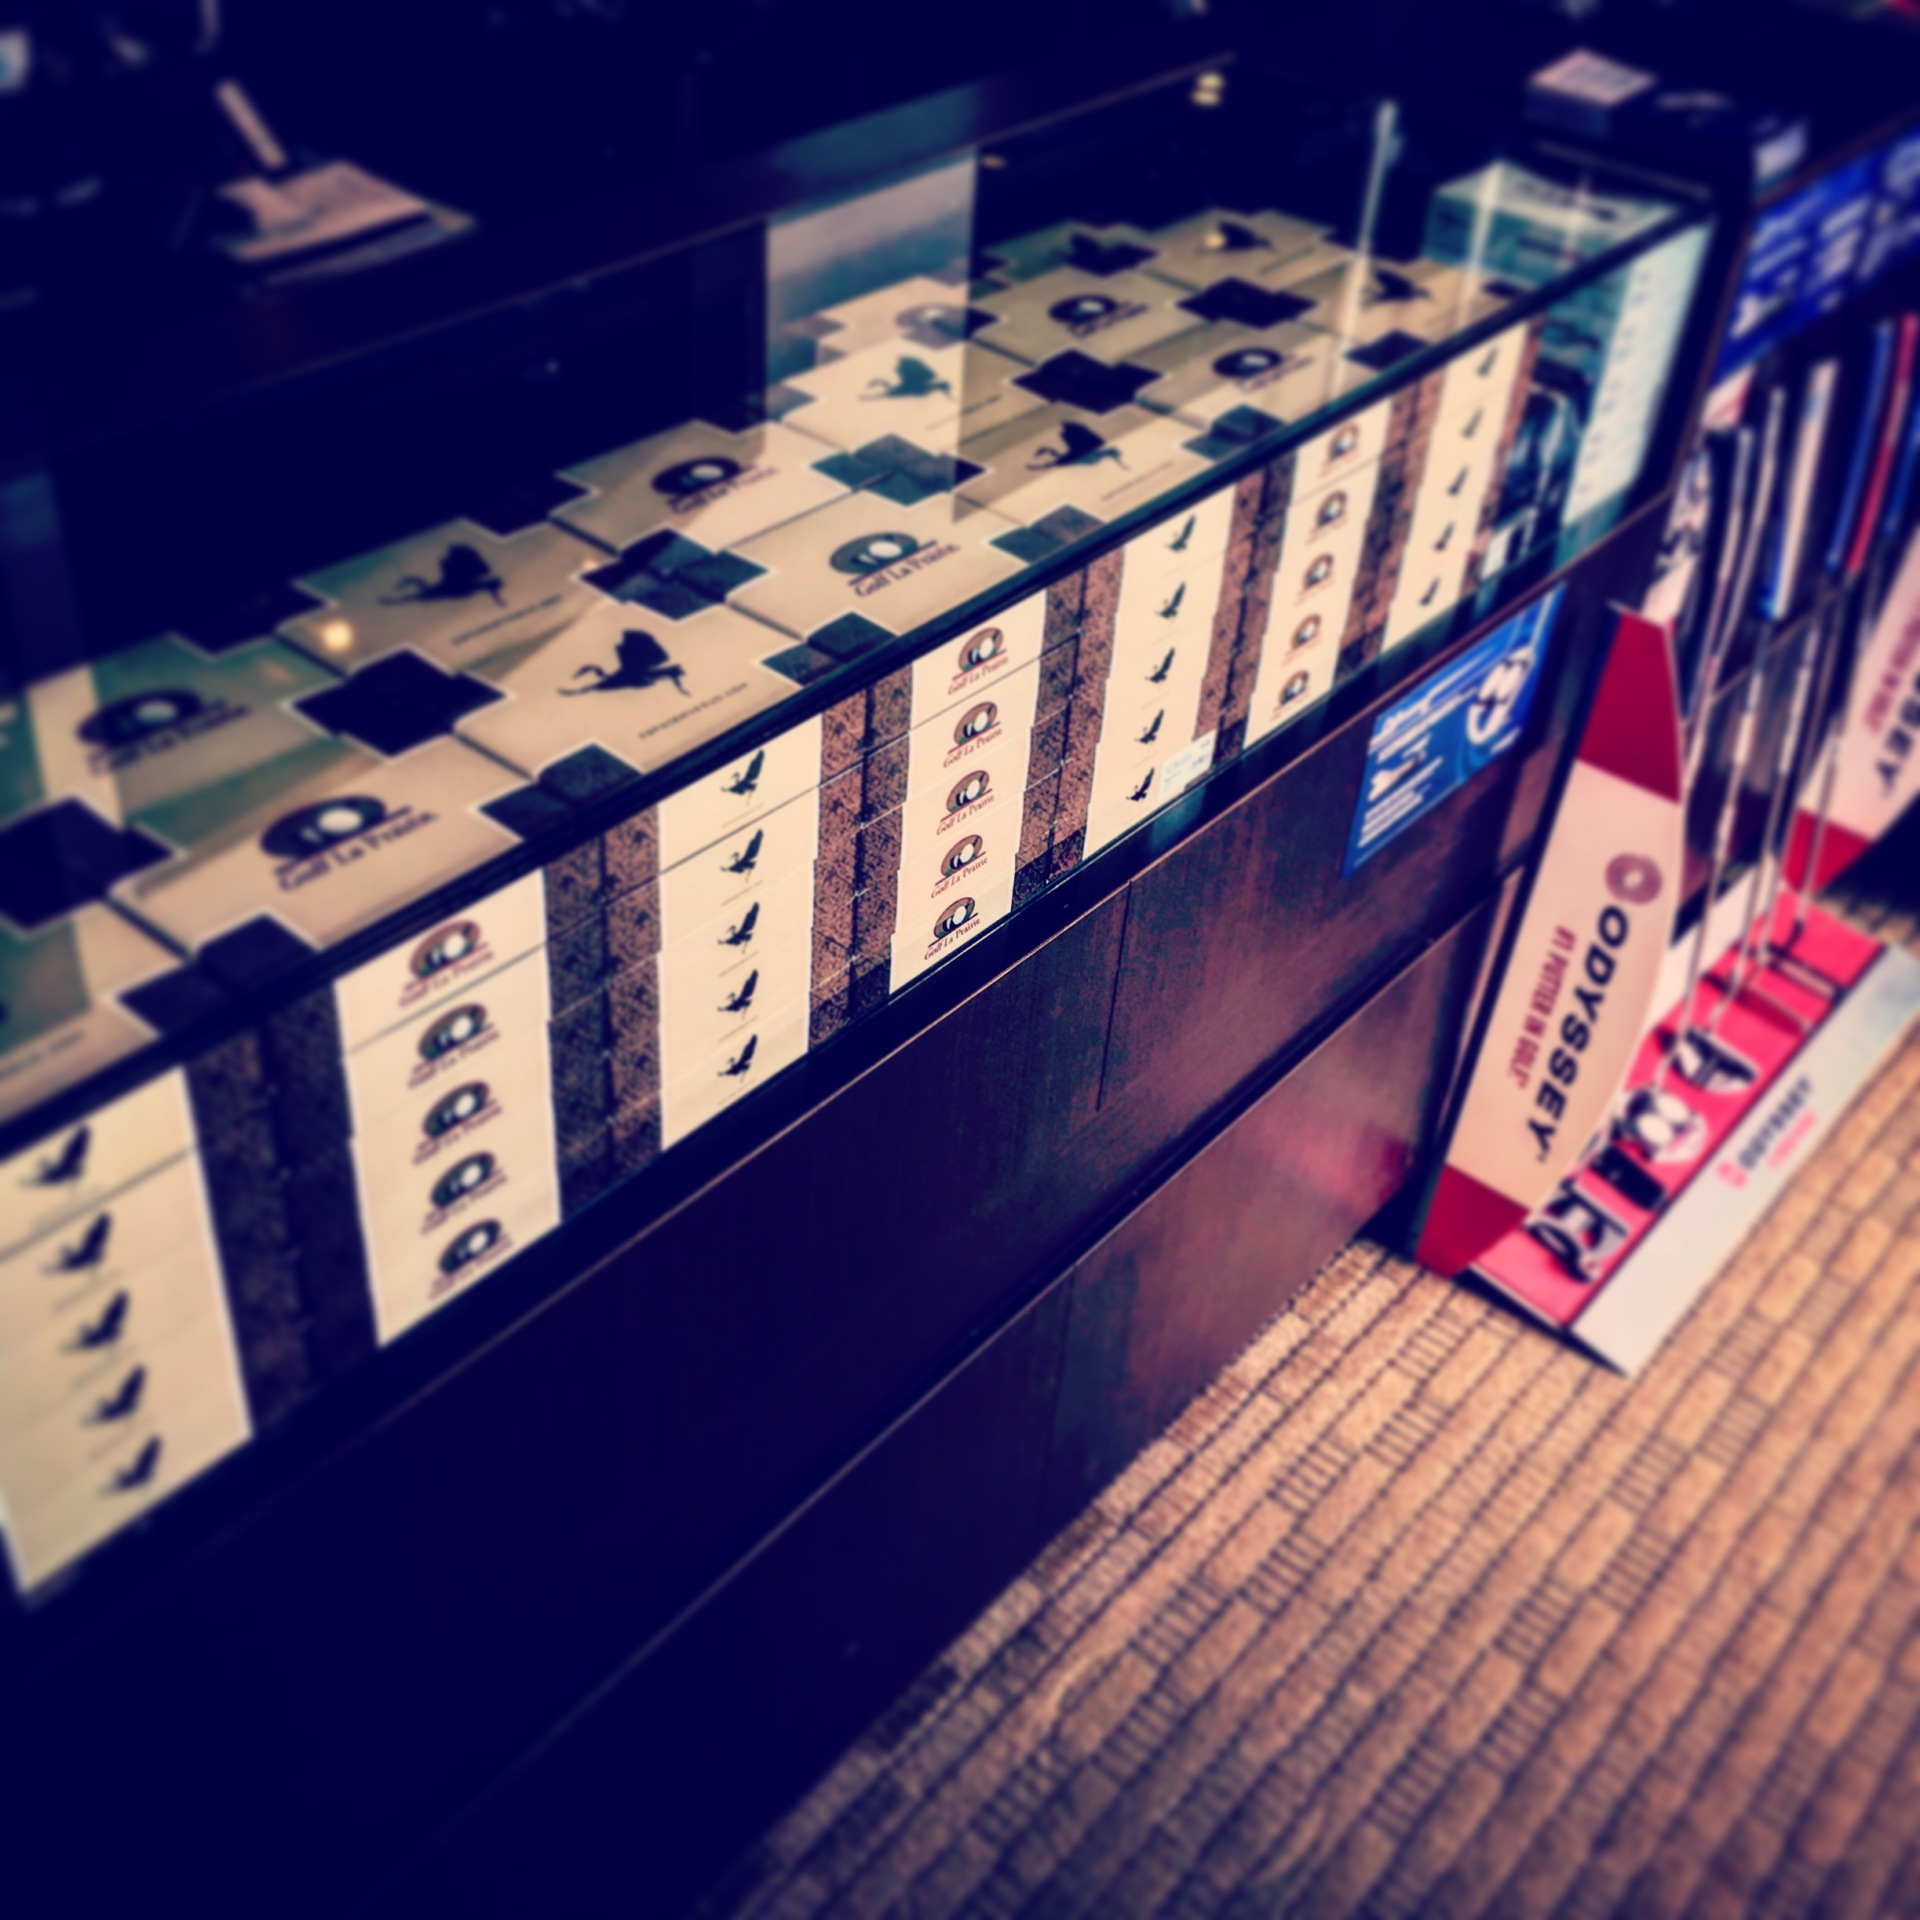 LUXbrds Golf Shop